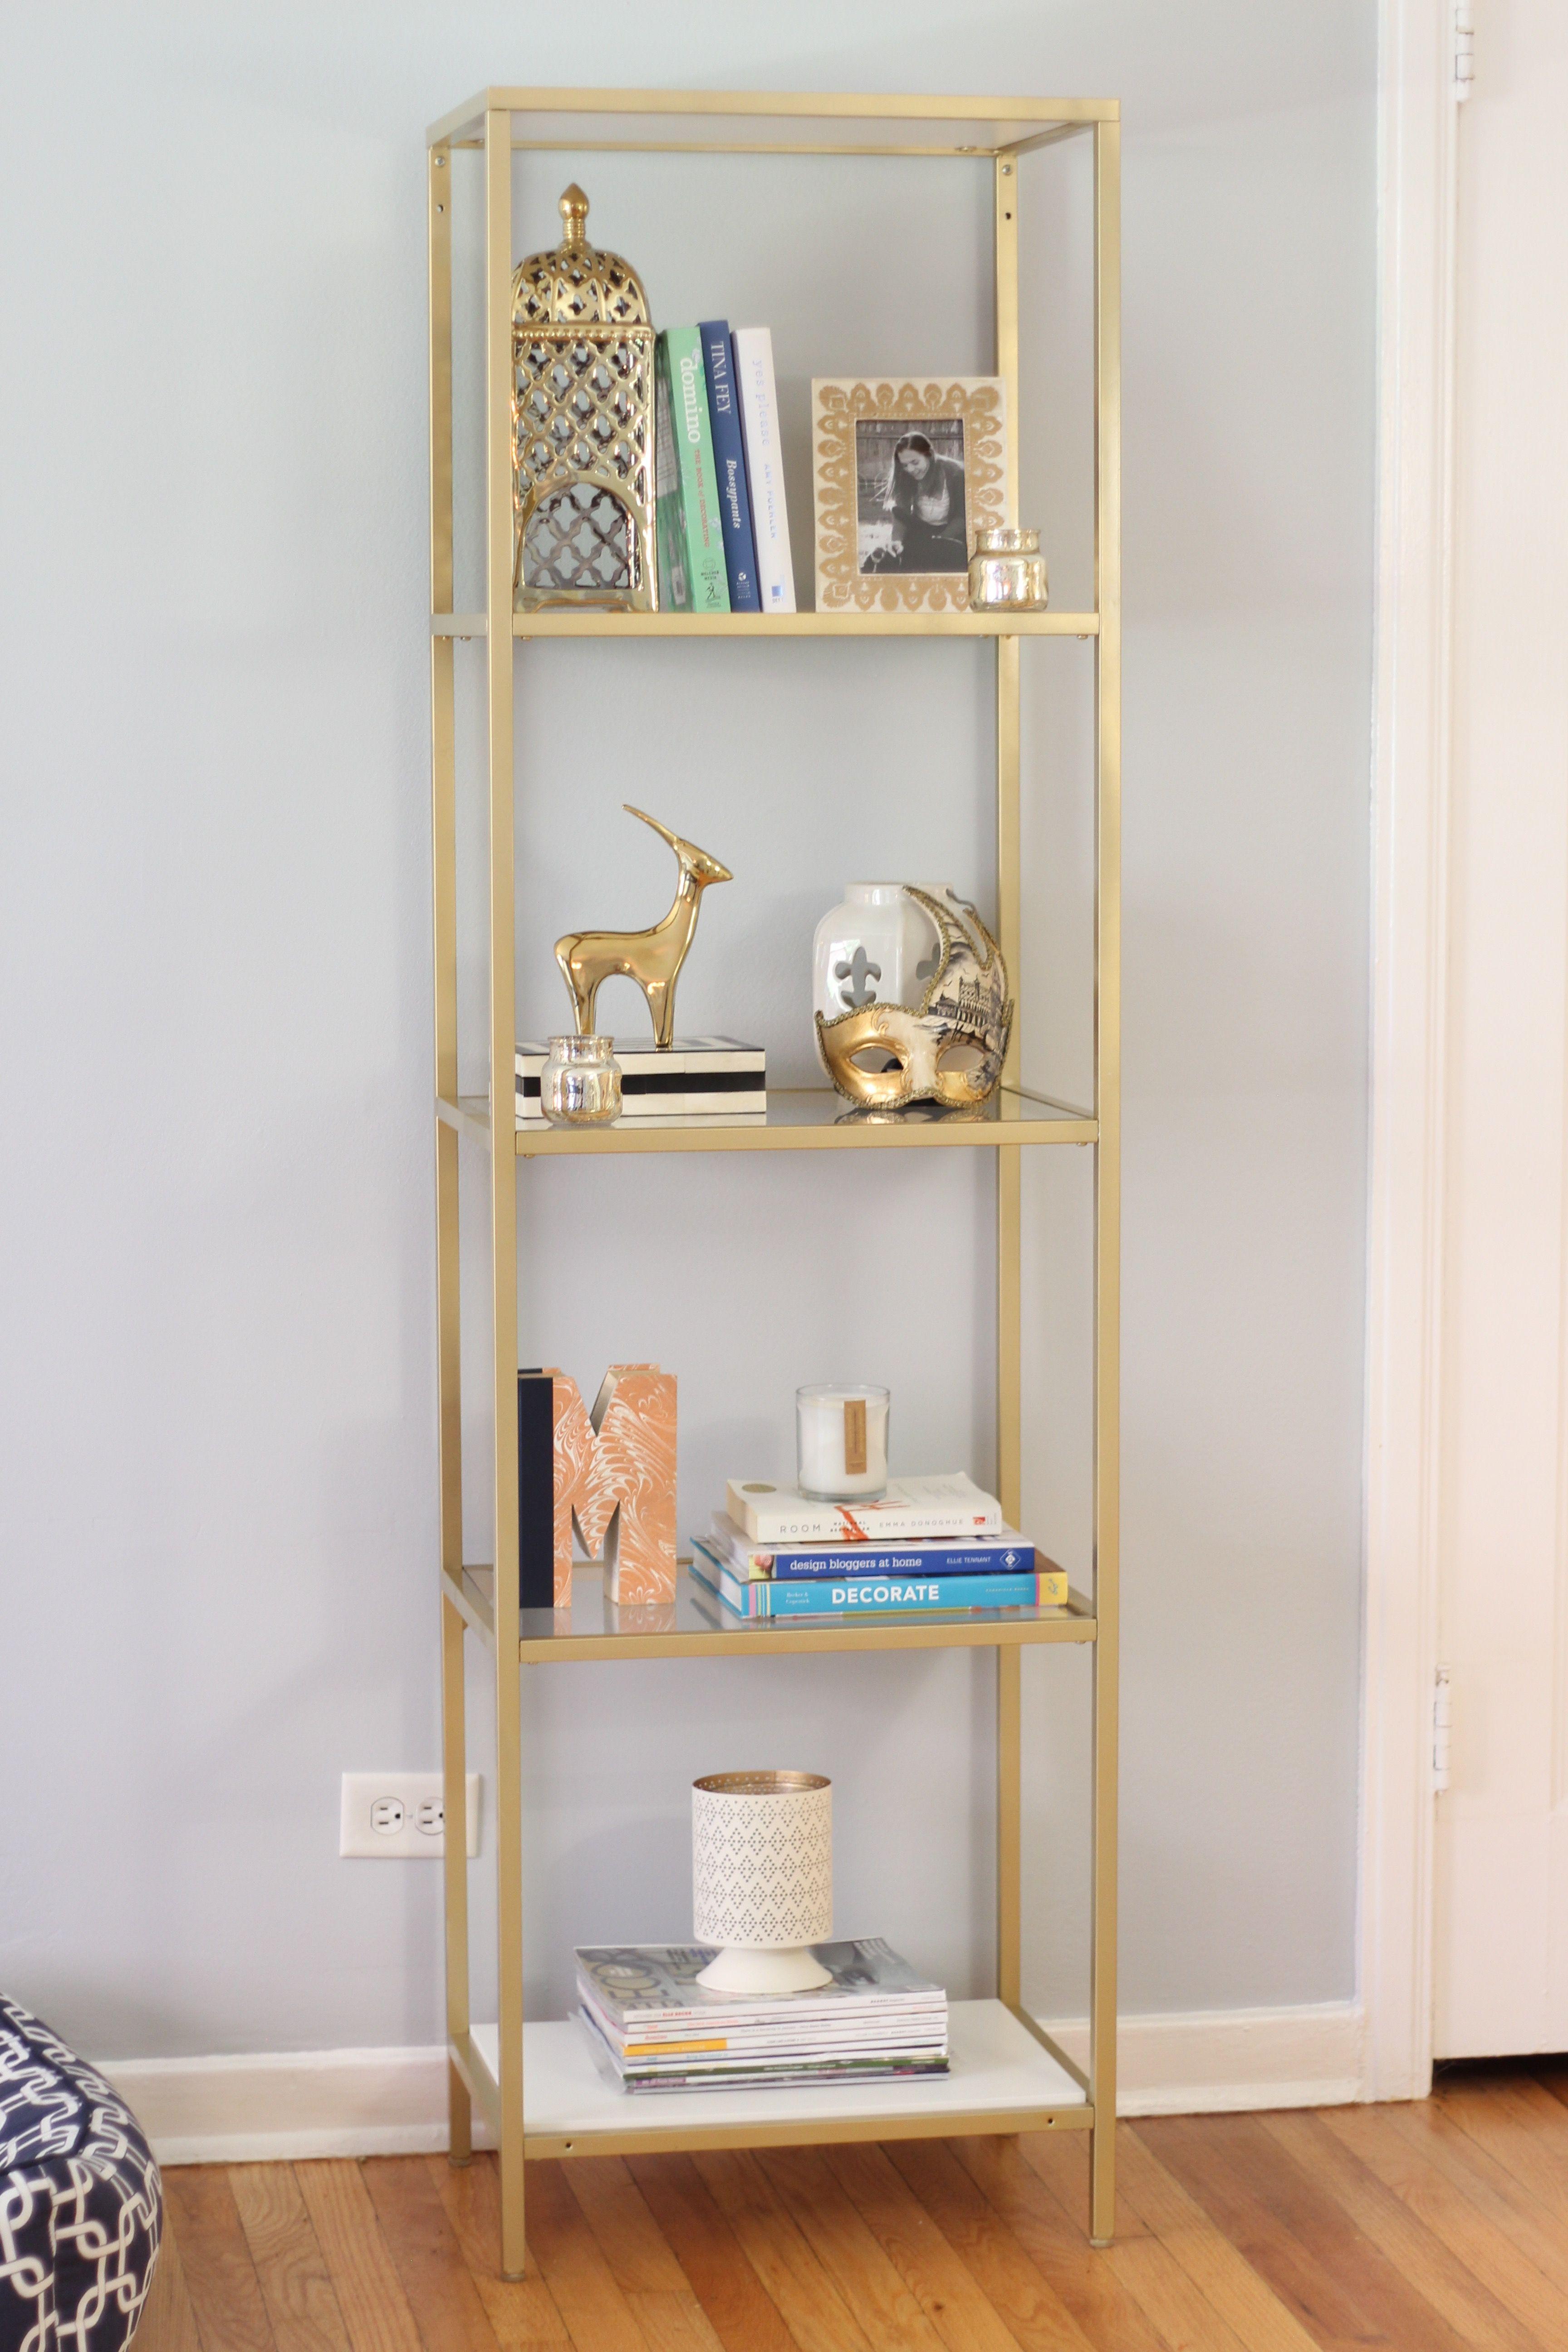 Spray Paint An Ikea Vittsjo Bookcase Shelving Unit Gold Goldlamp Bookcase Design Room Decor Ikea Vittsjo